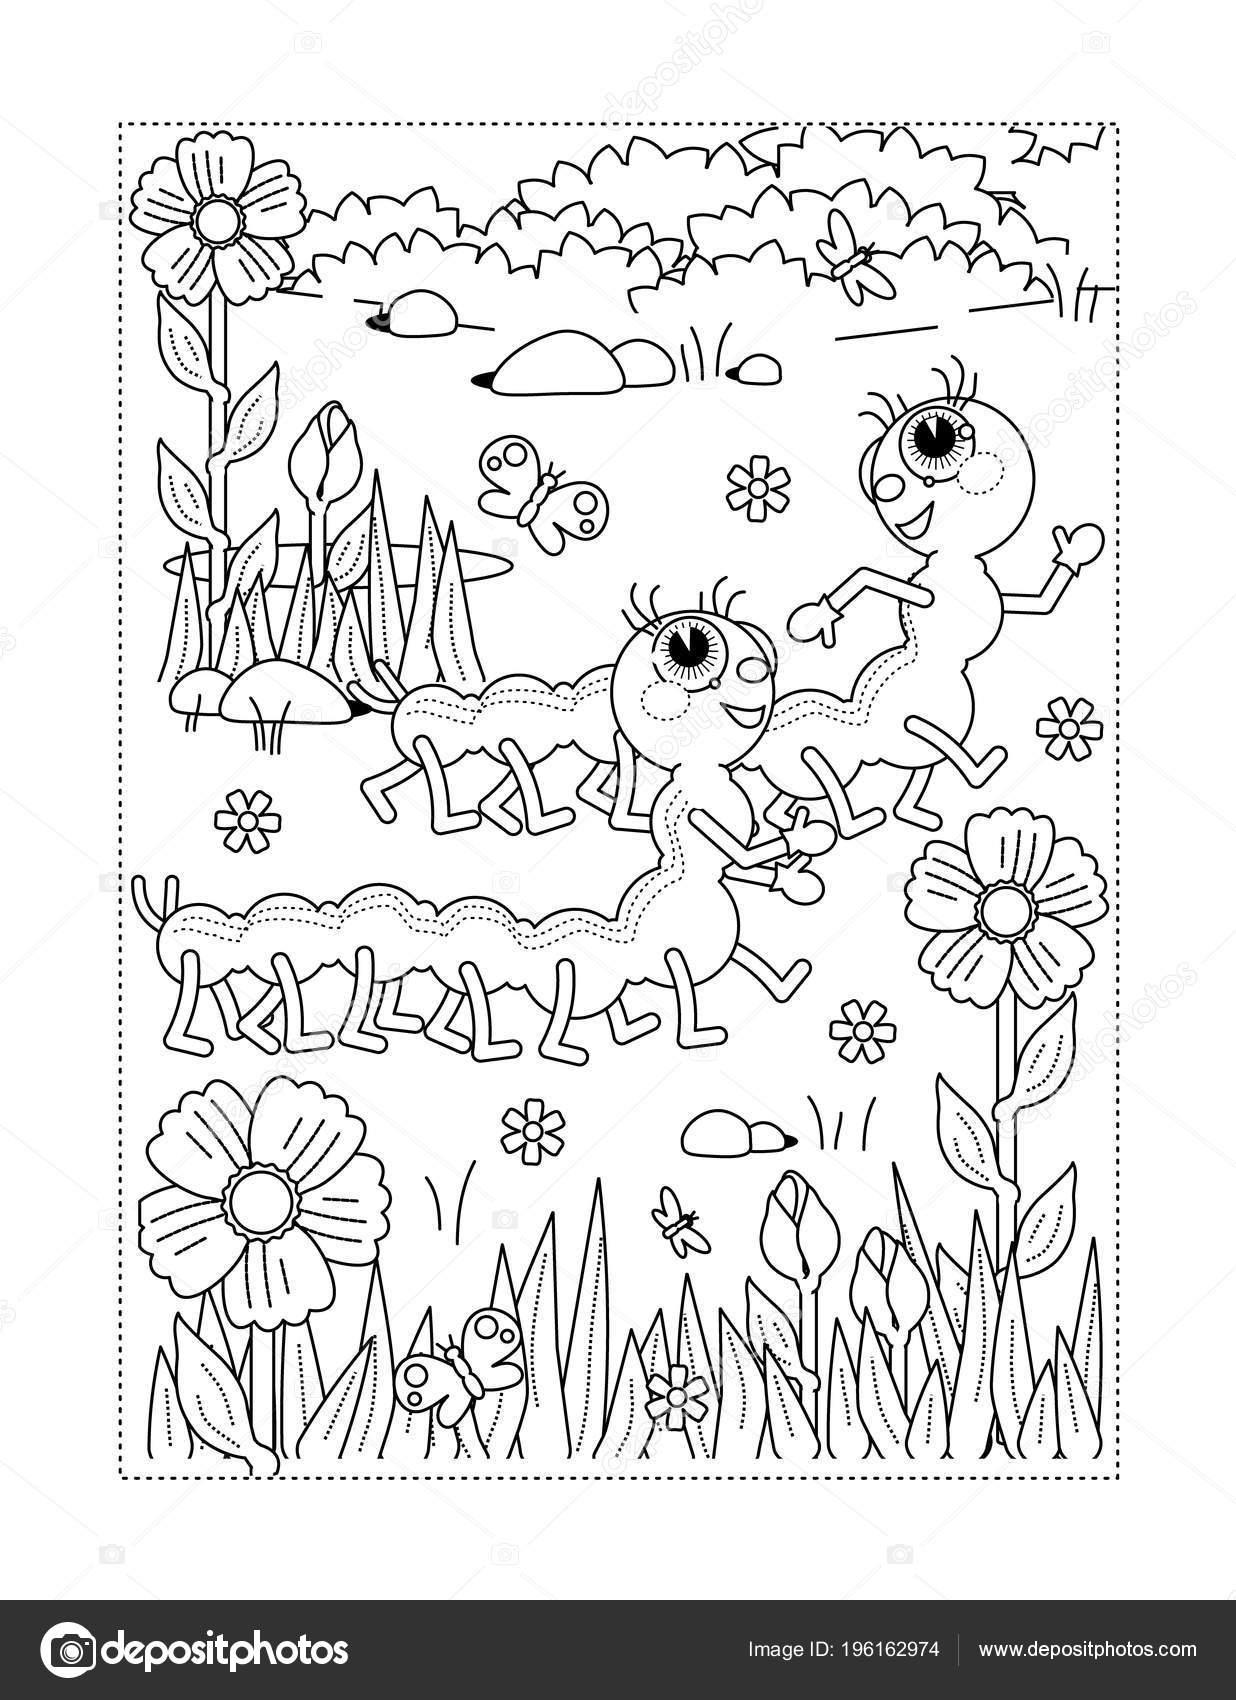 Kleurplaten Lente En Zomer.Lente Zomer Vreugde Thema Kleurplaat Met Rupsen Bloemen Gras